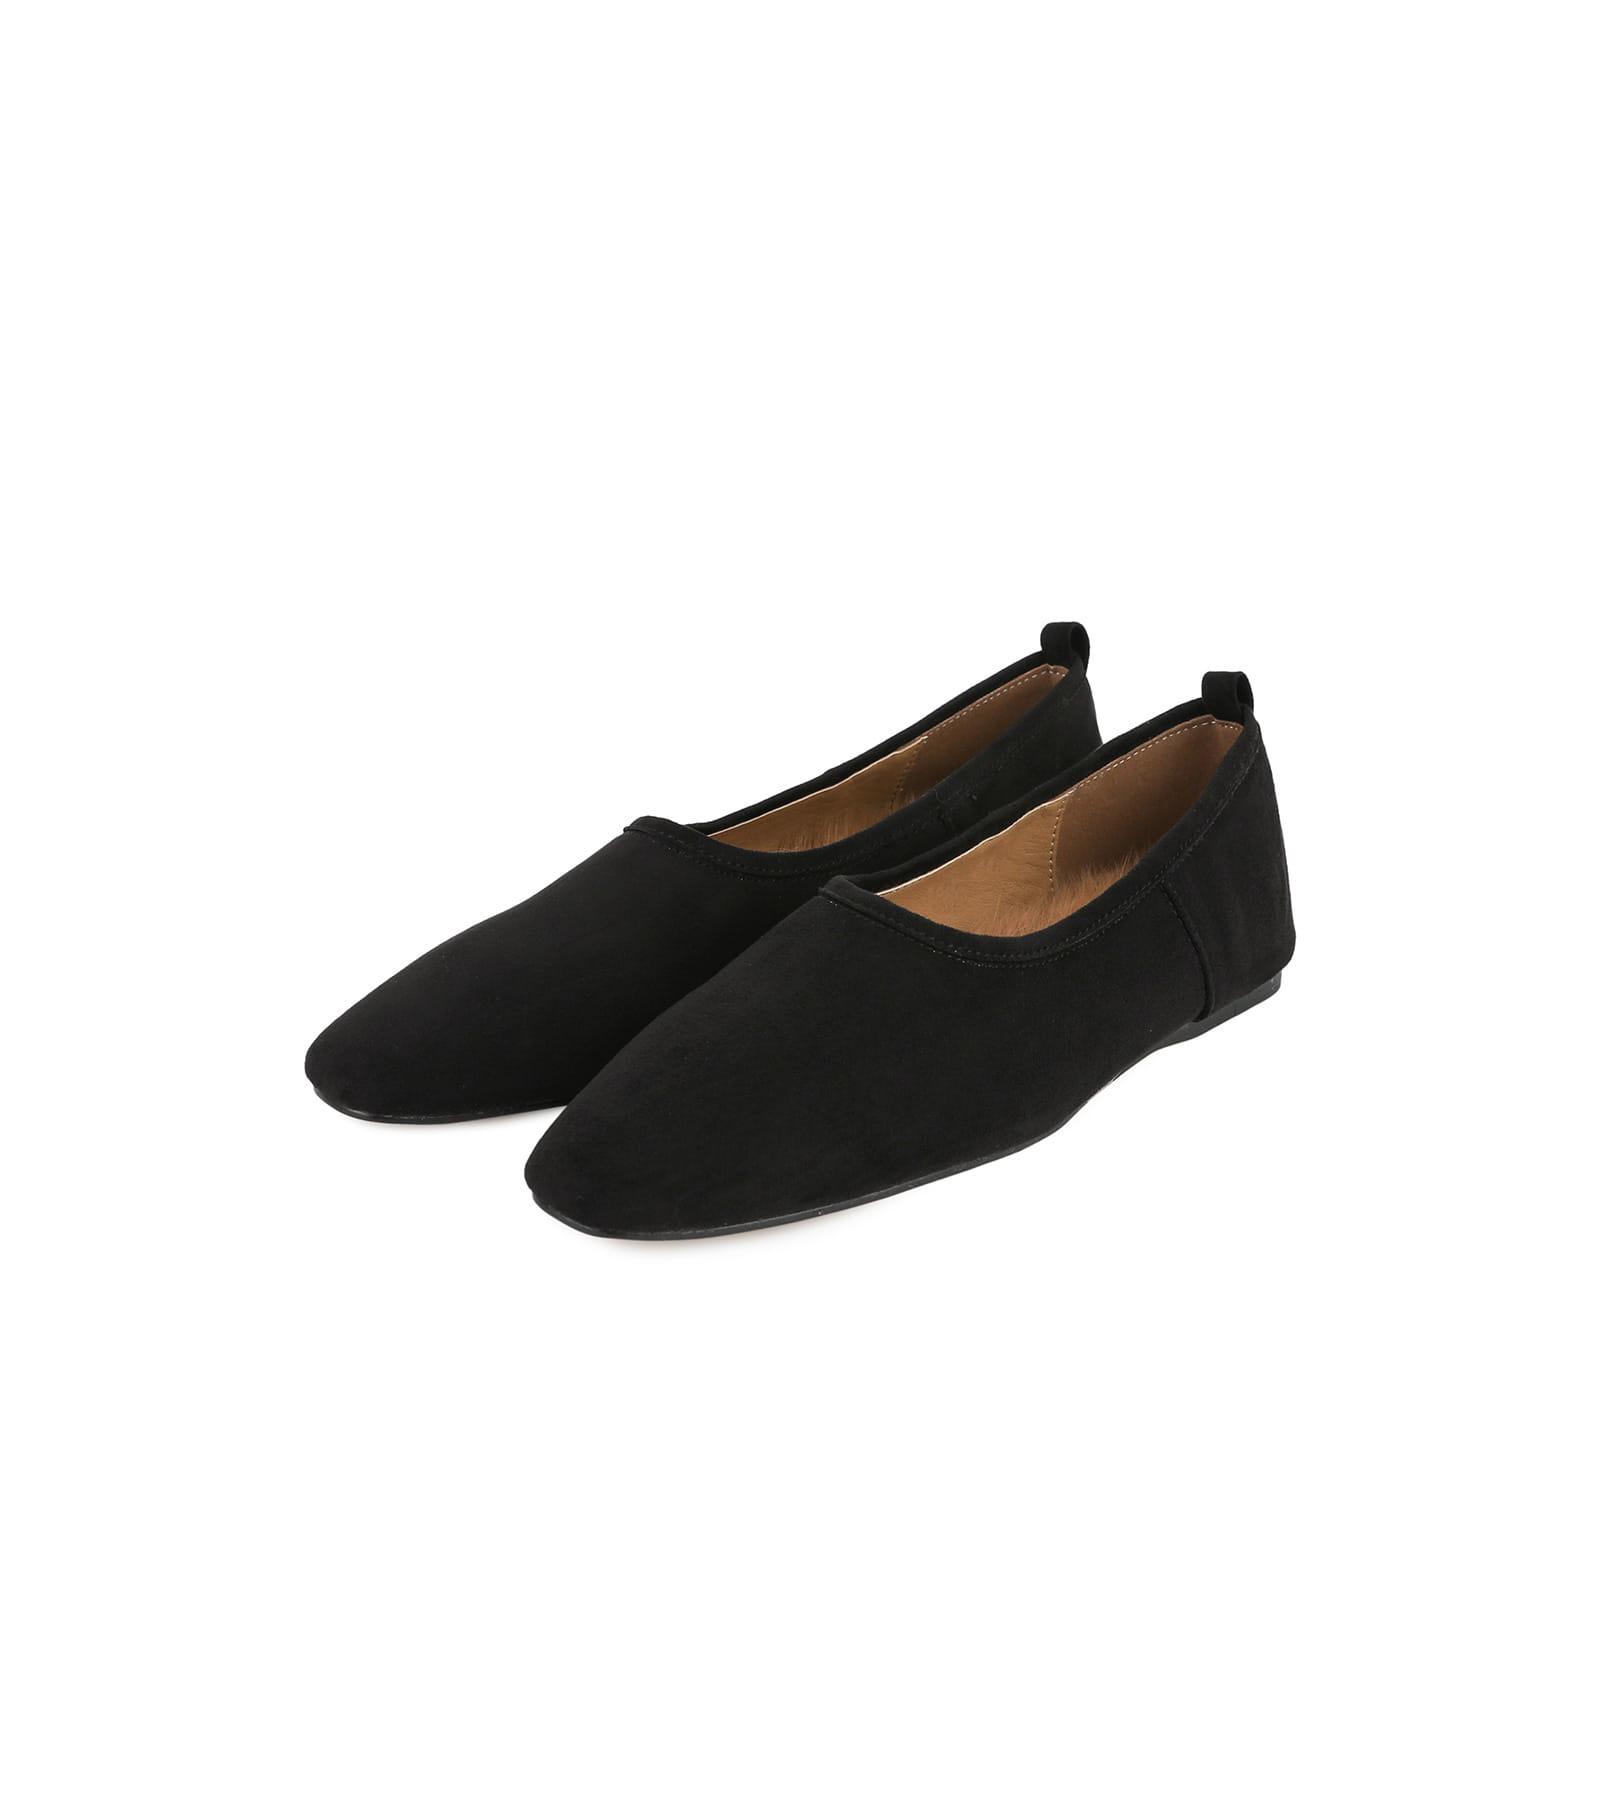 Hard basic flat shoes